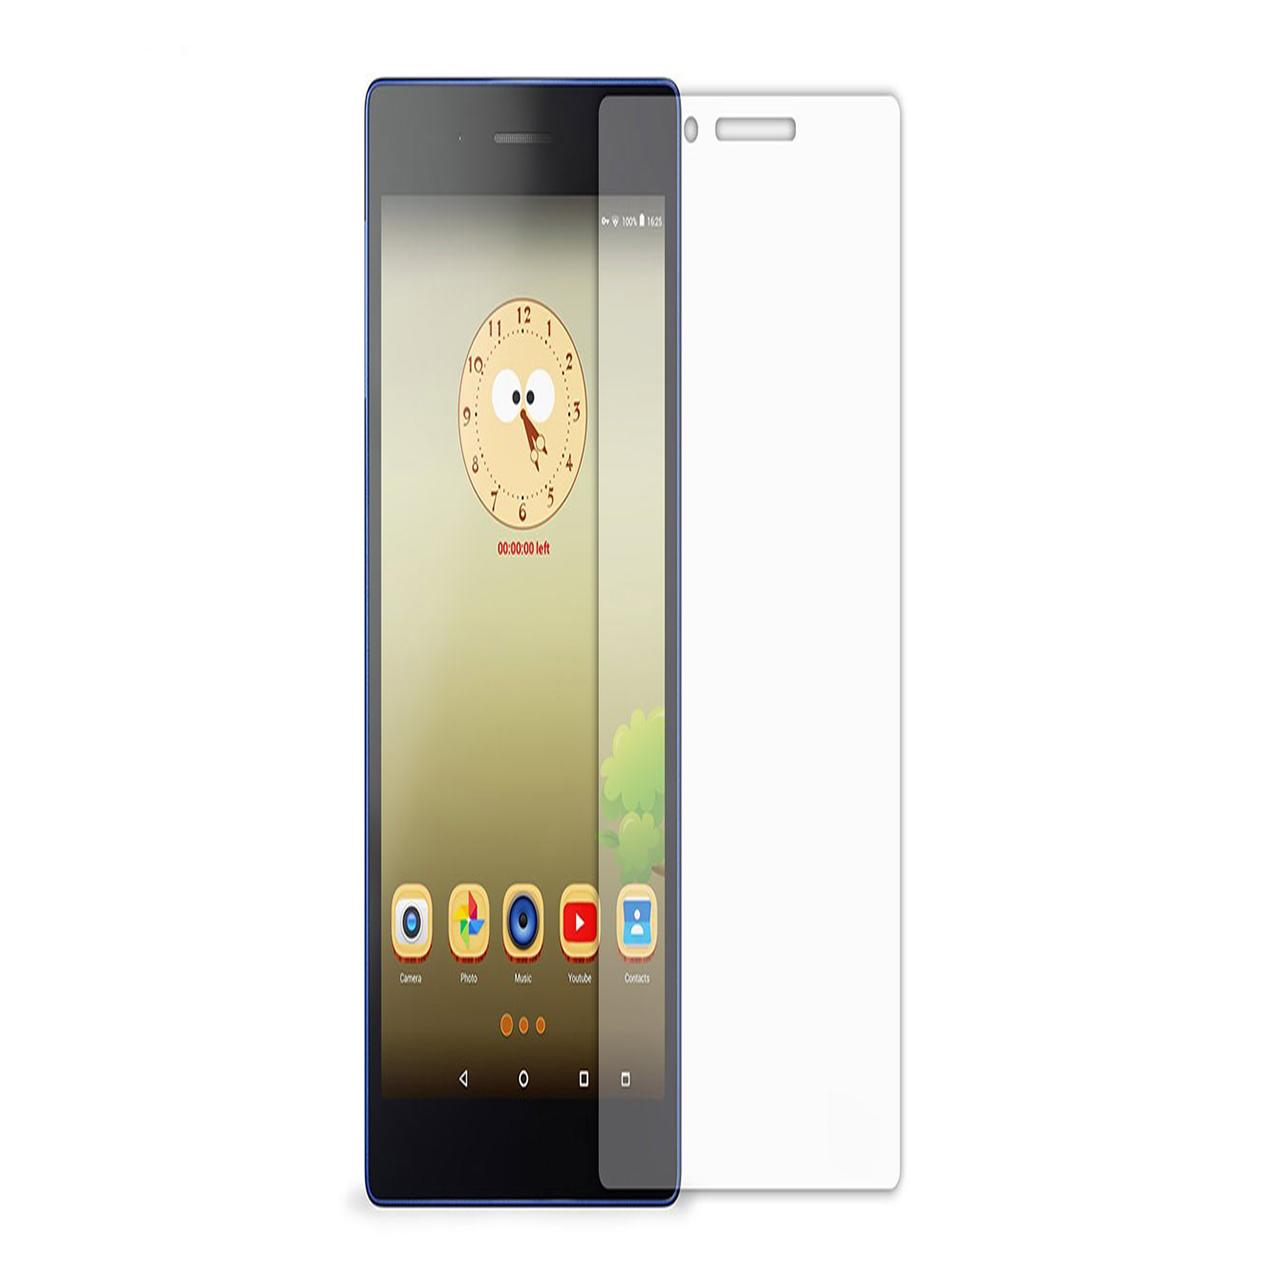 محافظ صفحه نمایش شیشه ای تمپرد مناسب برای تبلت لنوو Tab 3 7 Essential 3G